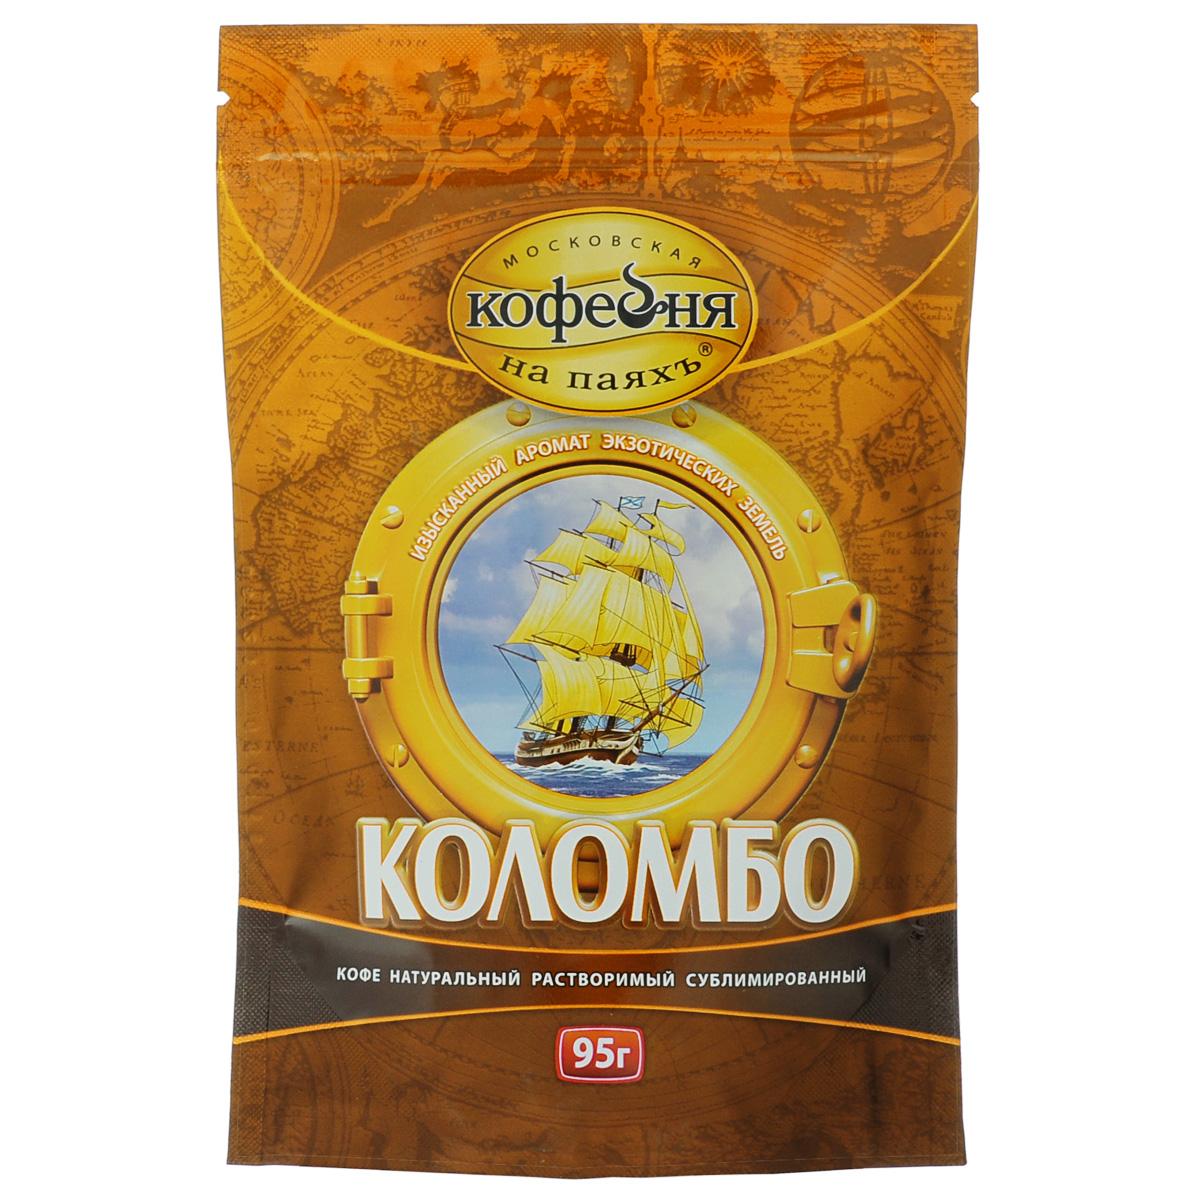 Московская кофейня на паяхъ Коломбо кофе рaстворимый, пакет 95 г4601985003534Кофе натуральный растворимый сублимированный Московская кофейня на паяхъ Коломбо. Приготовлен из высококачественной Арабики. Темная обжарка придает крепкий насыщенный вкус и глубокий аромат.Родина кофе – Африка, но только в странах Латинской Америки он нашел свой истинный дом, ведь идеальные условия для возделывания кофейного дерева самой природой созданы именно там. Коломбо понравится тем, кто ценит крепкий кофе со сложным, чуть терпким вкусом. Если Арабика кажется вам слишком мягкой, попробуйте Коломбо. Это идеально выверенная смесь сортов арабики из Южной и Центральной Америки.